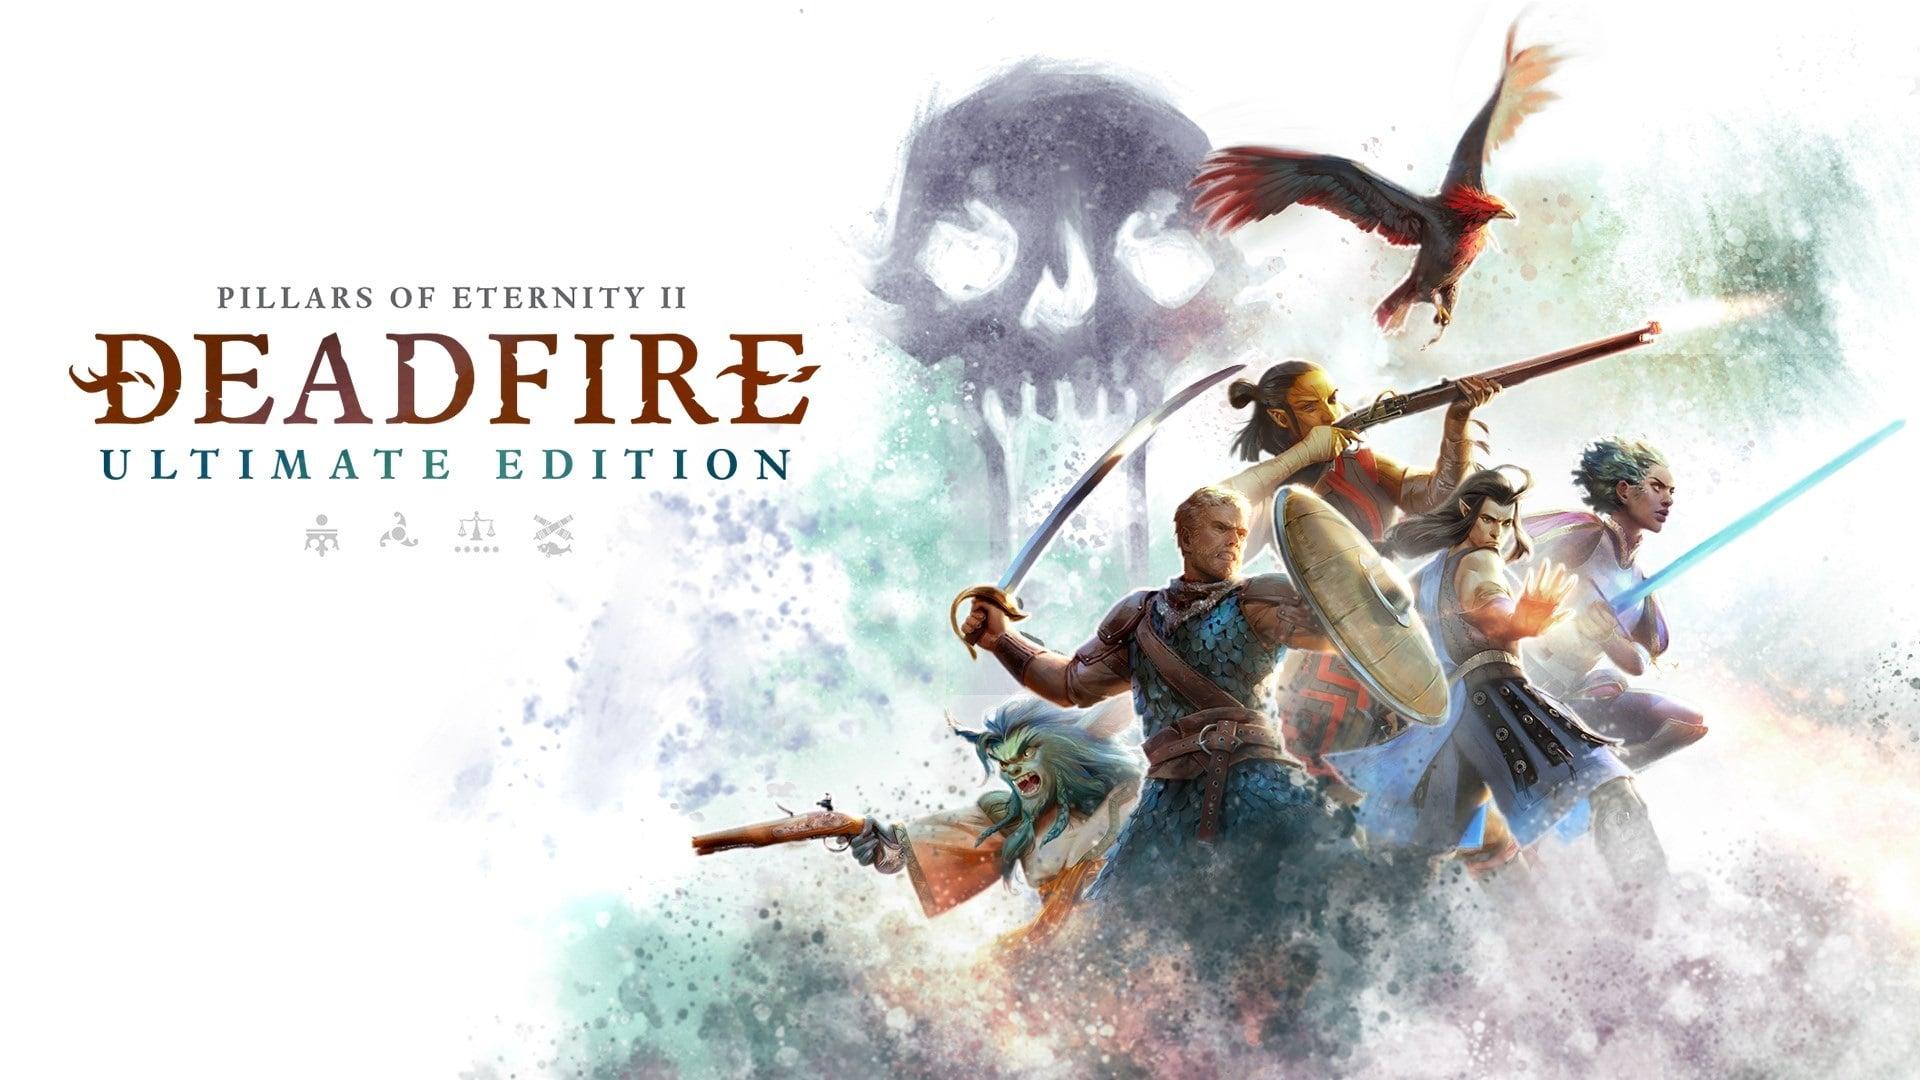 Pillars Of Eternity II: Deadfire Achievements